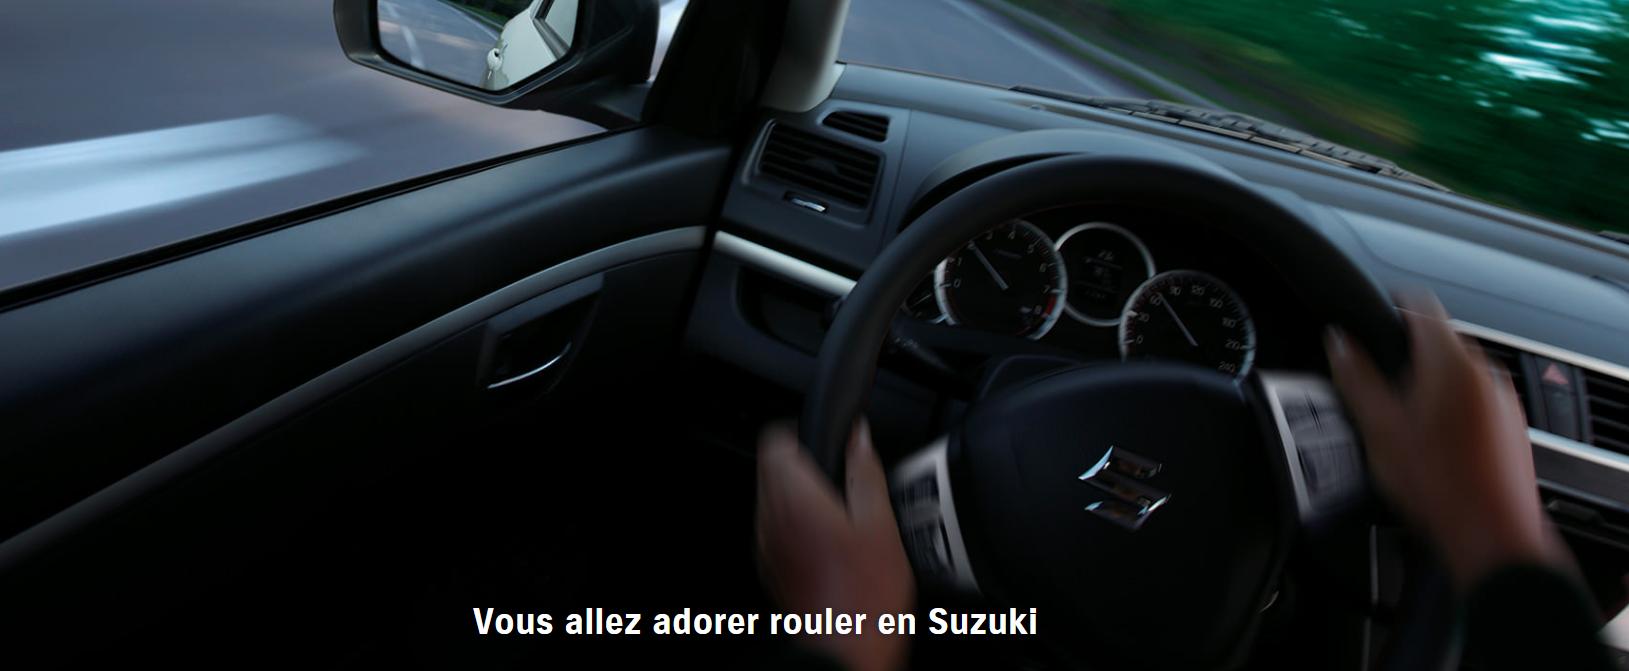 Adoptez un Suzuki